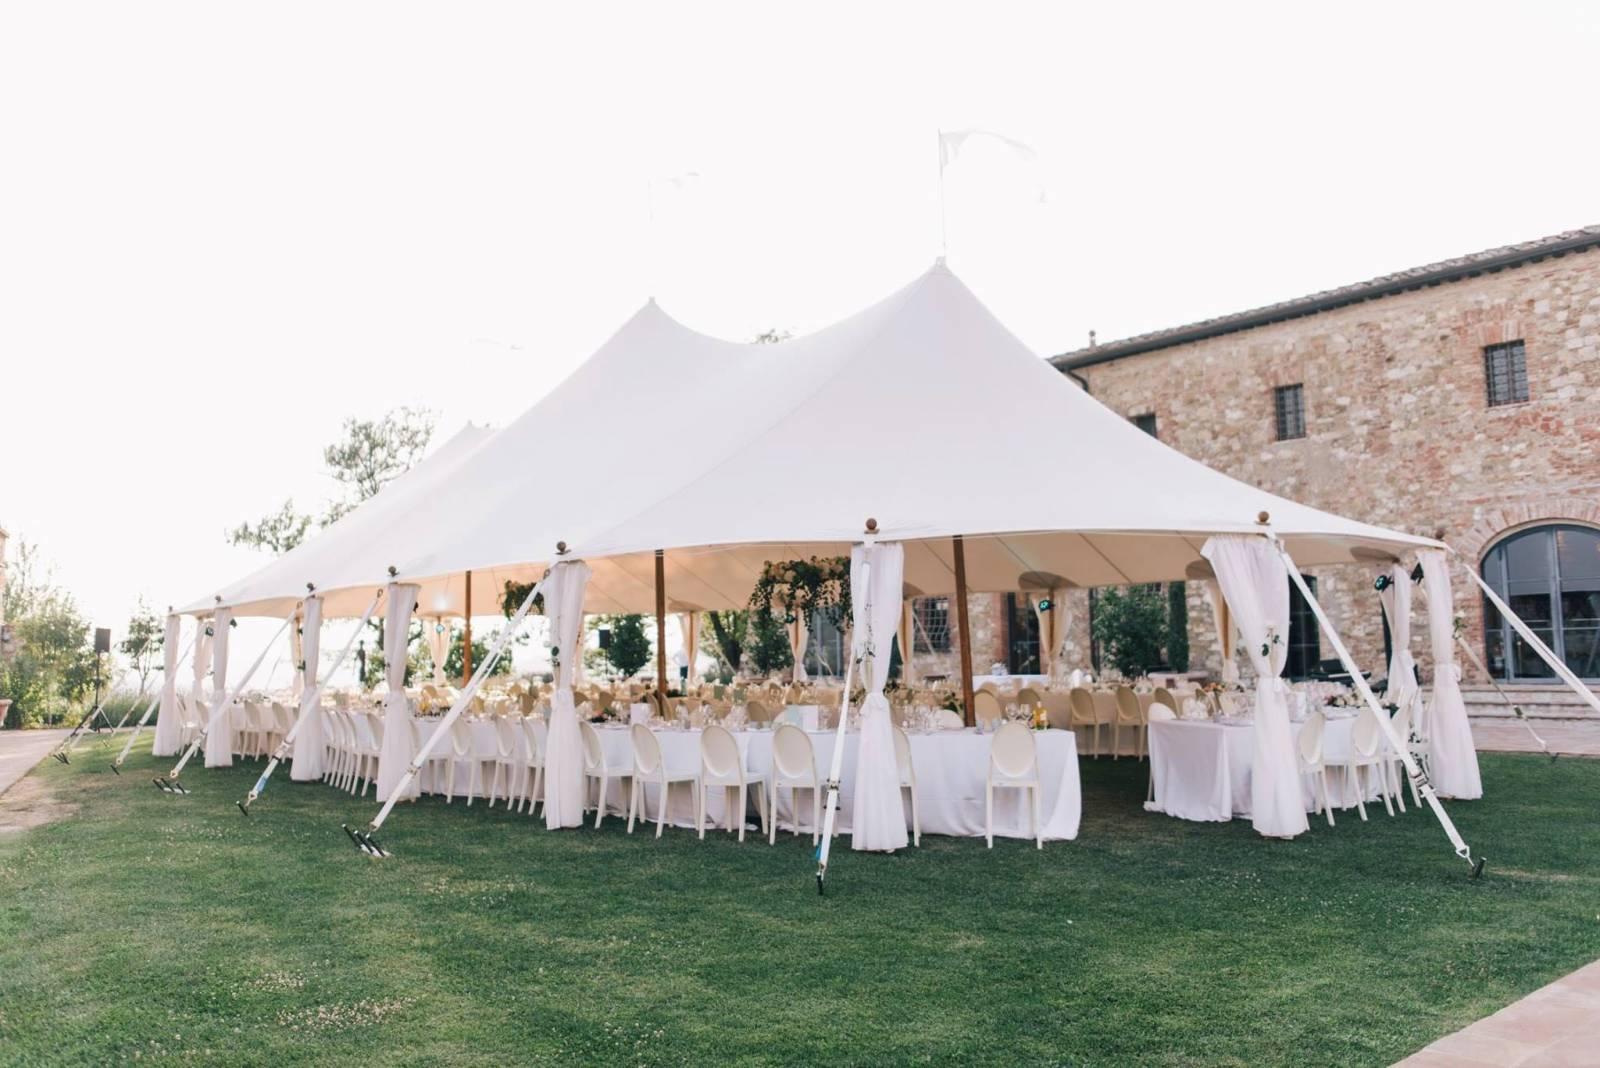 Organic-Concepts - Tenten - Feesttenten - Verhuur Tenten - Silhouette tent - House of Events - 1